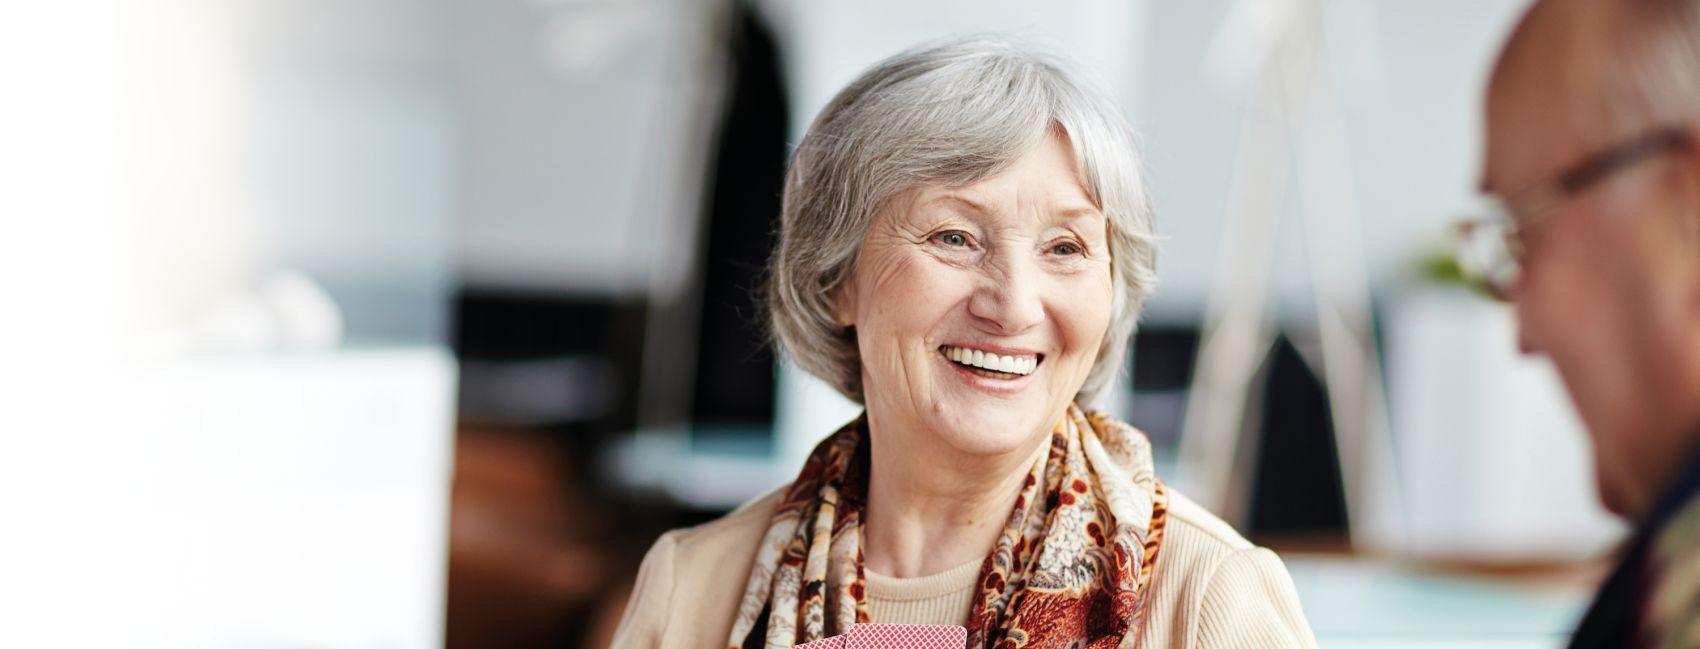 En eldre kvinne nyter et korttidsopphold hos Gabels Park.